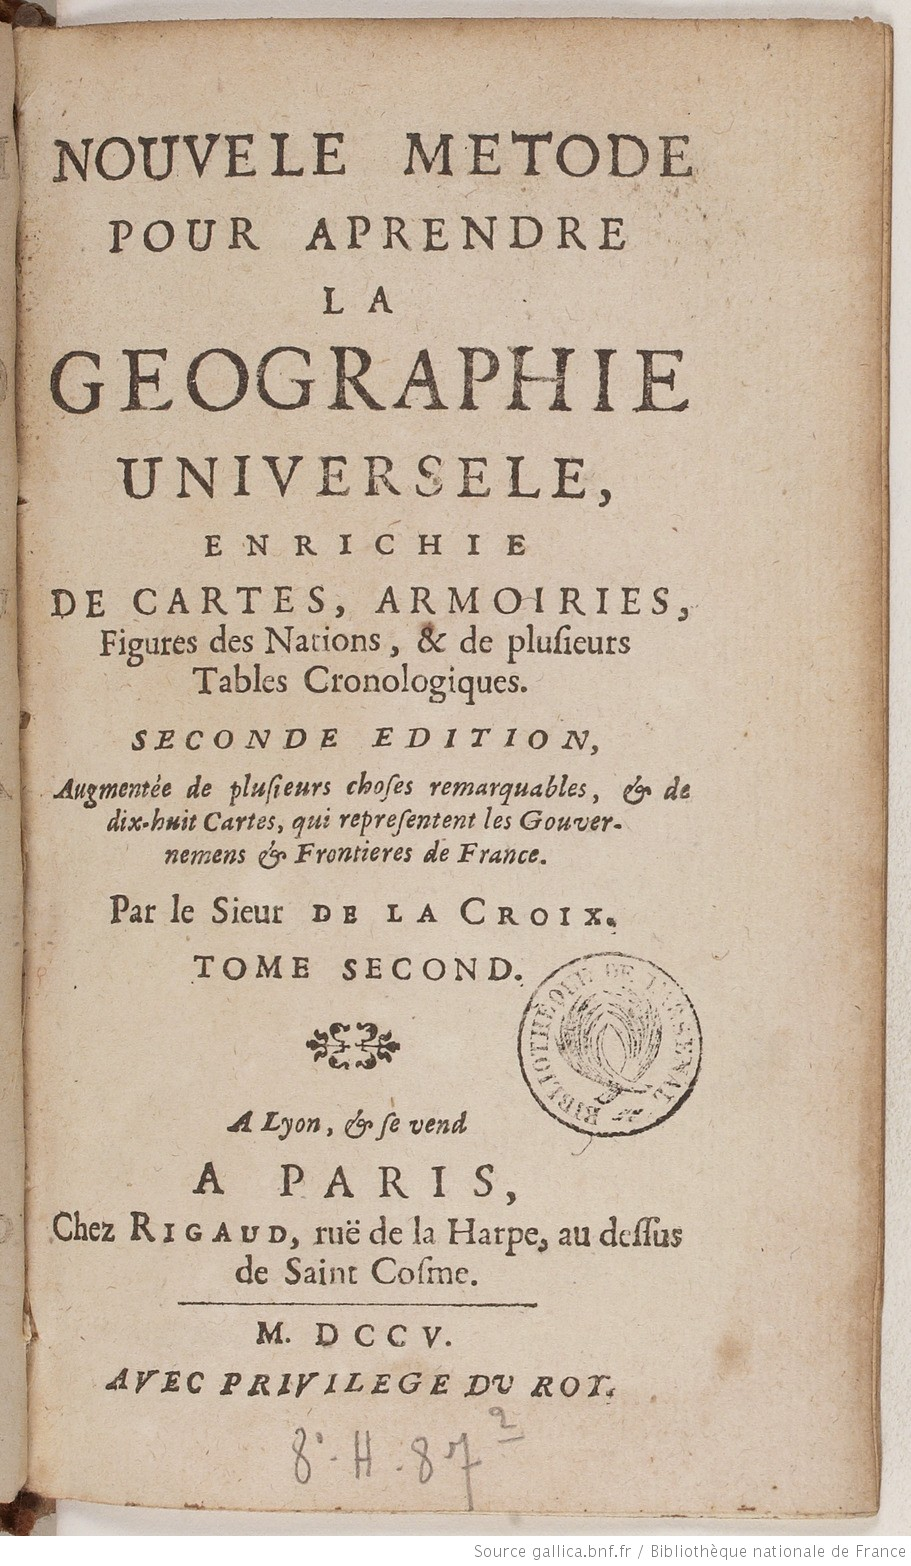 la geographie universelle